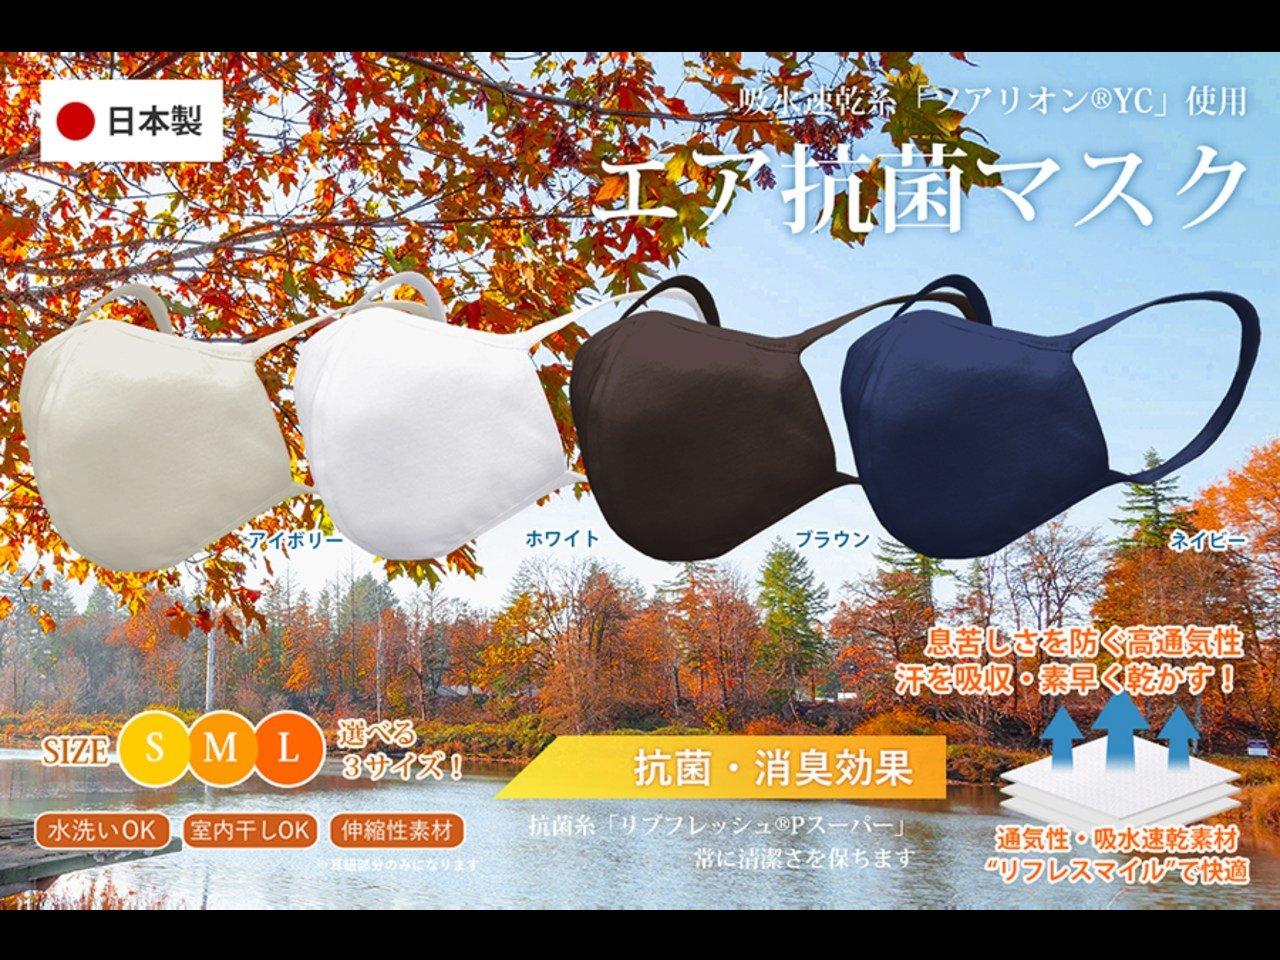 1日5円。100回洗えて繰り返し使える日本製で高機能な『エア抗菌マスク』発売開始。